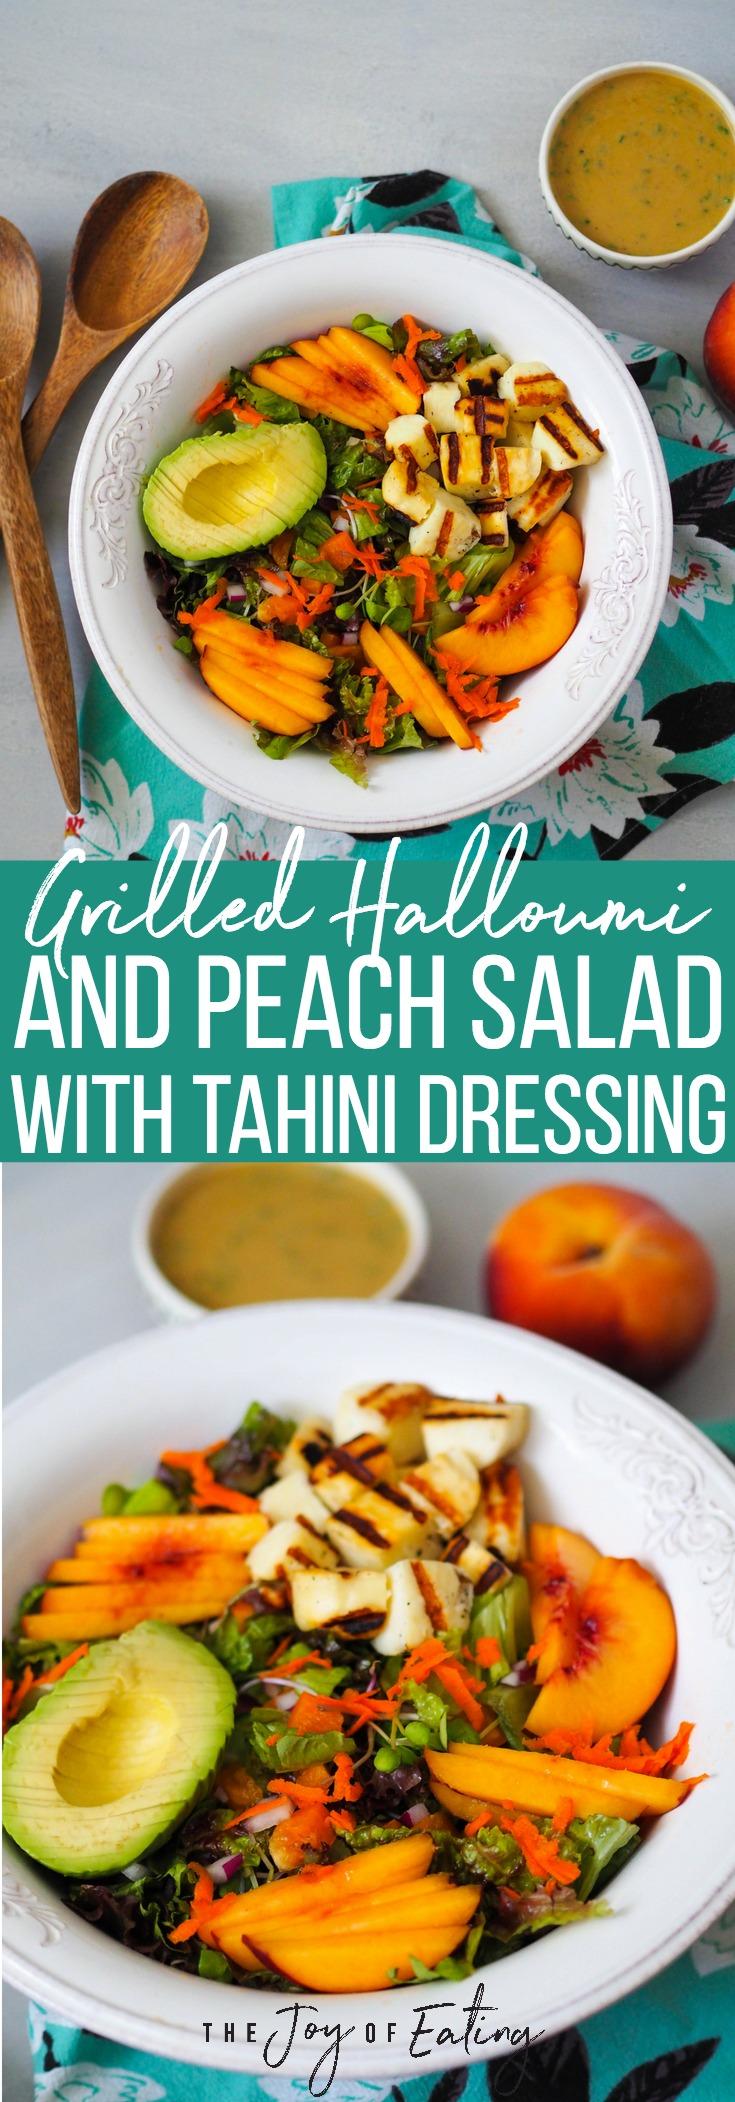 这个夏天的夏天,朱丽叶·西茜会让人很开心,而你的裙子很酷!##素食####素食,素食和朱丽叶#